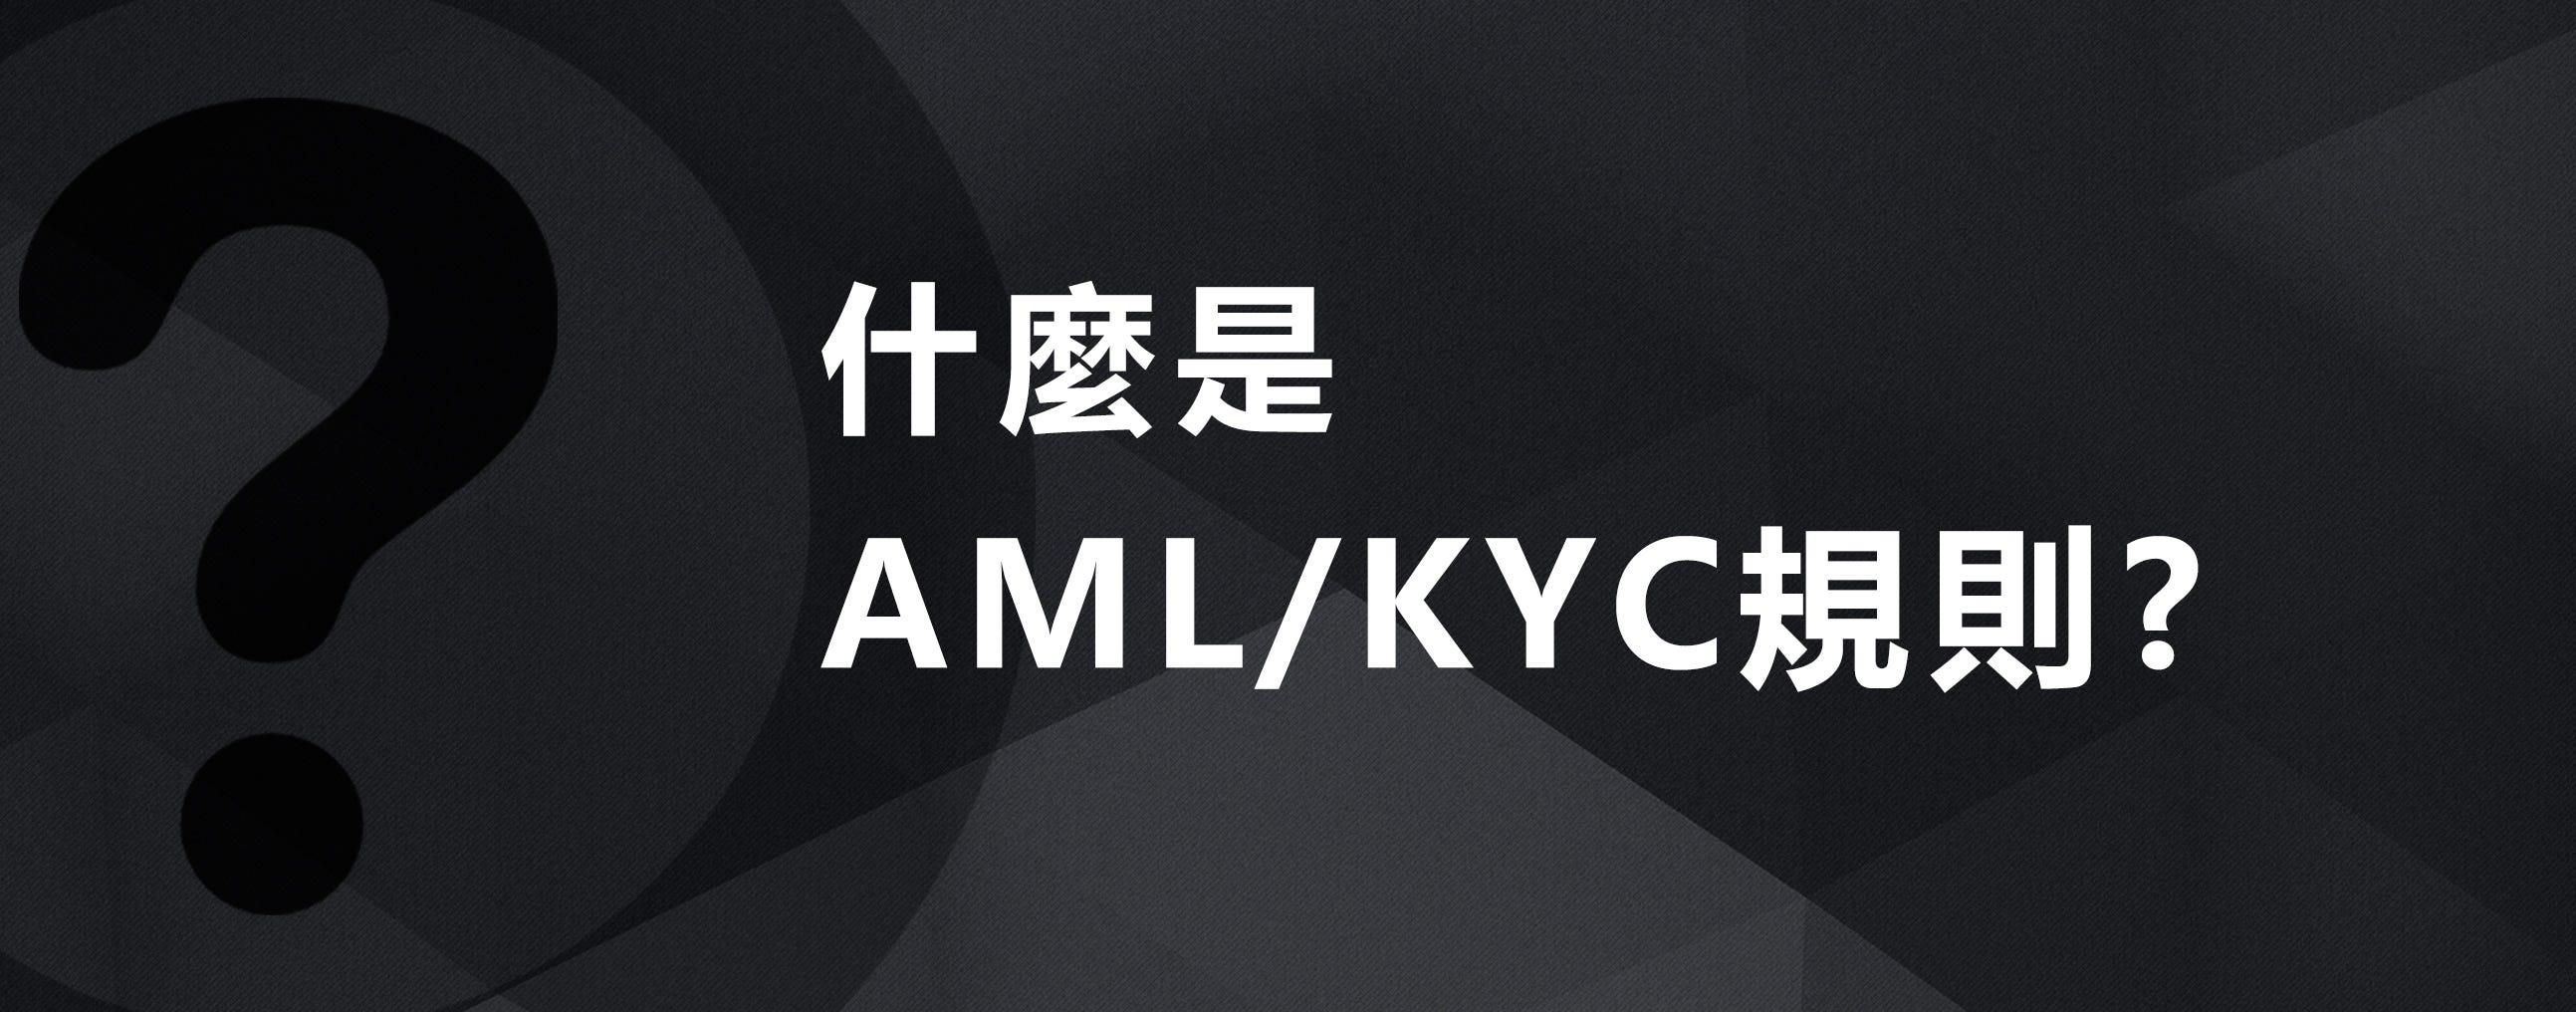 什麼是AML/KYC 規則??. 故事從這裡開始的 | by 7sevencoin | SEVENCOIN | Medium